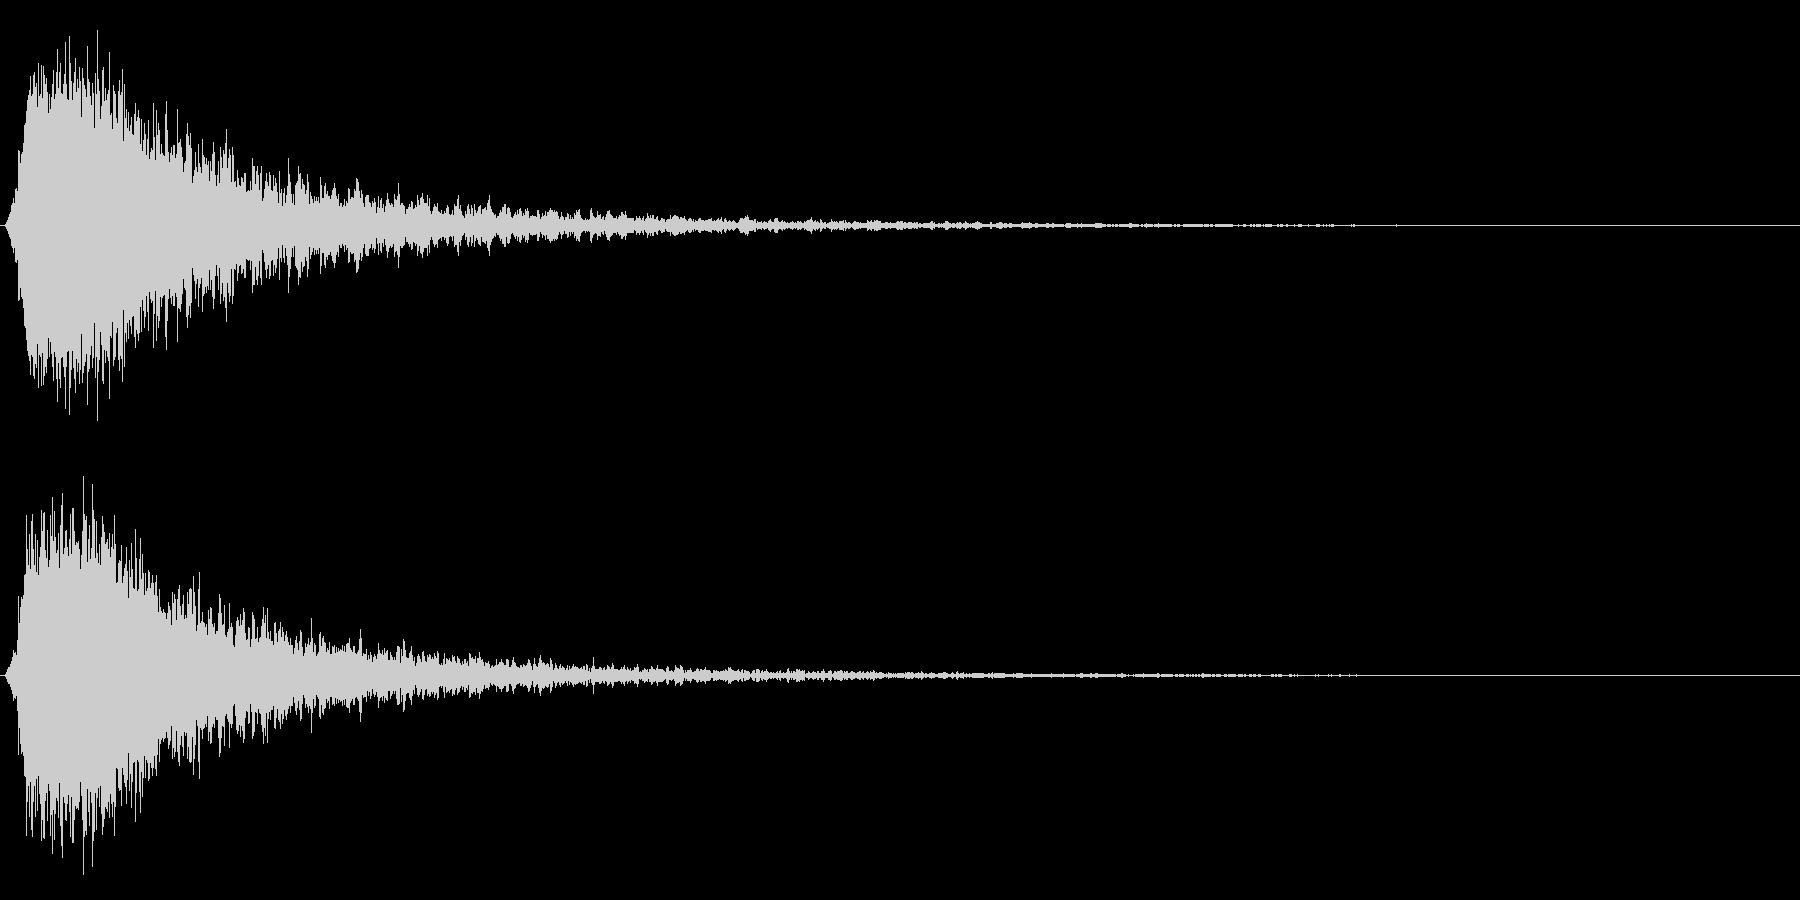 シャキーン!(強烈なインパクト効果音)3の未再生の波形